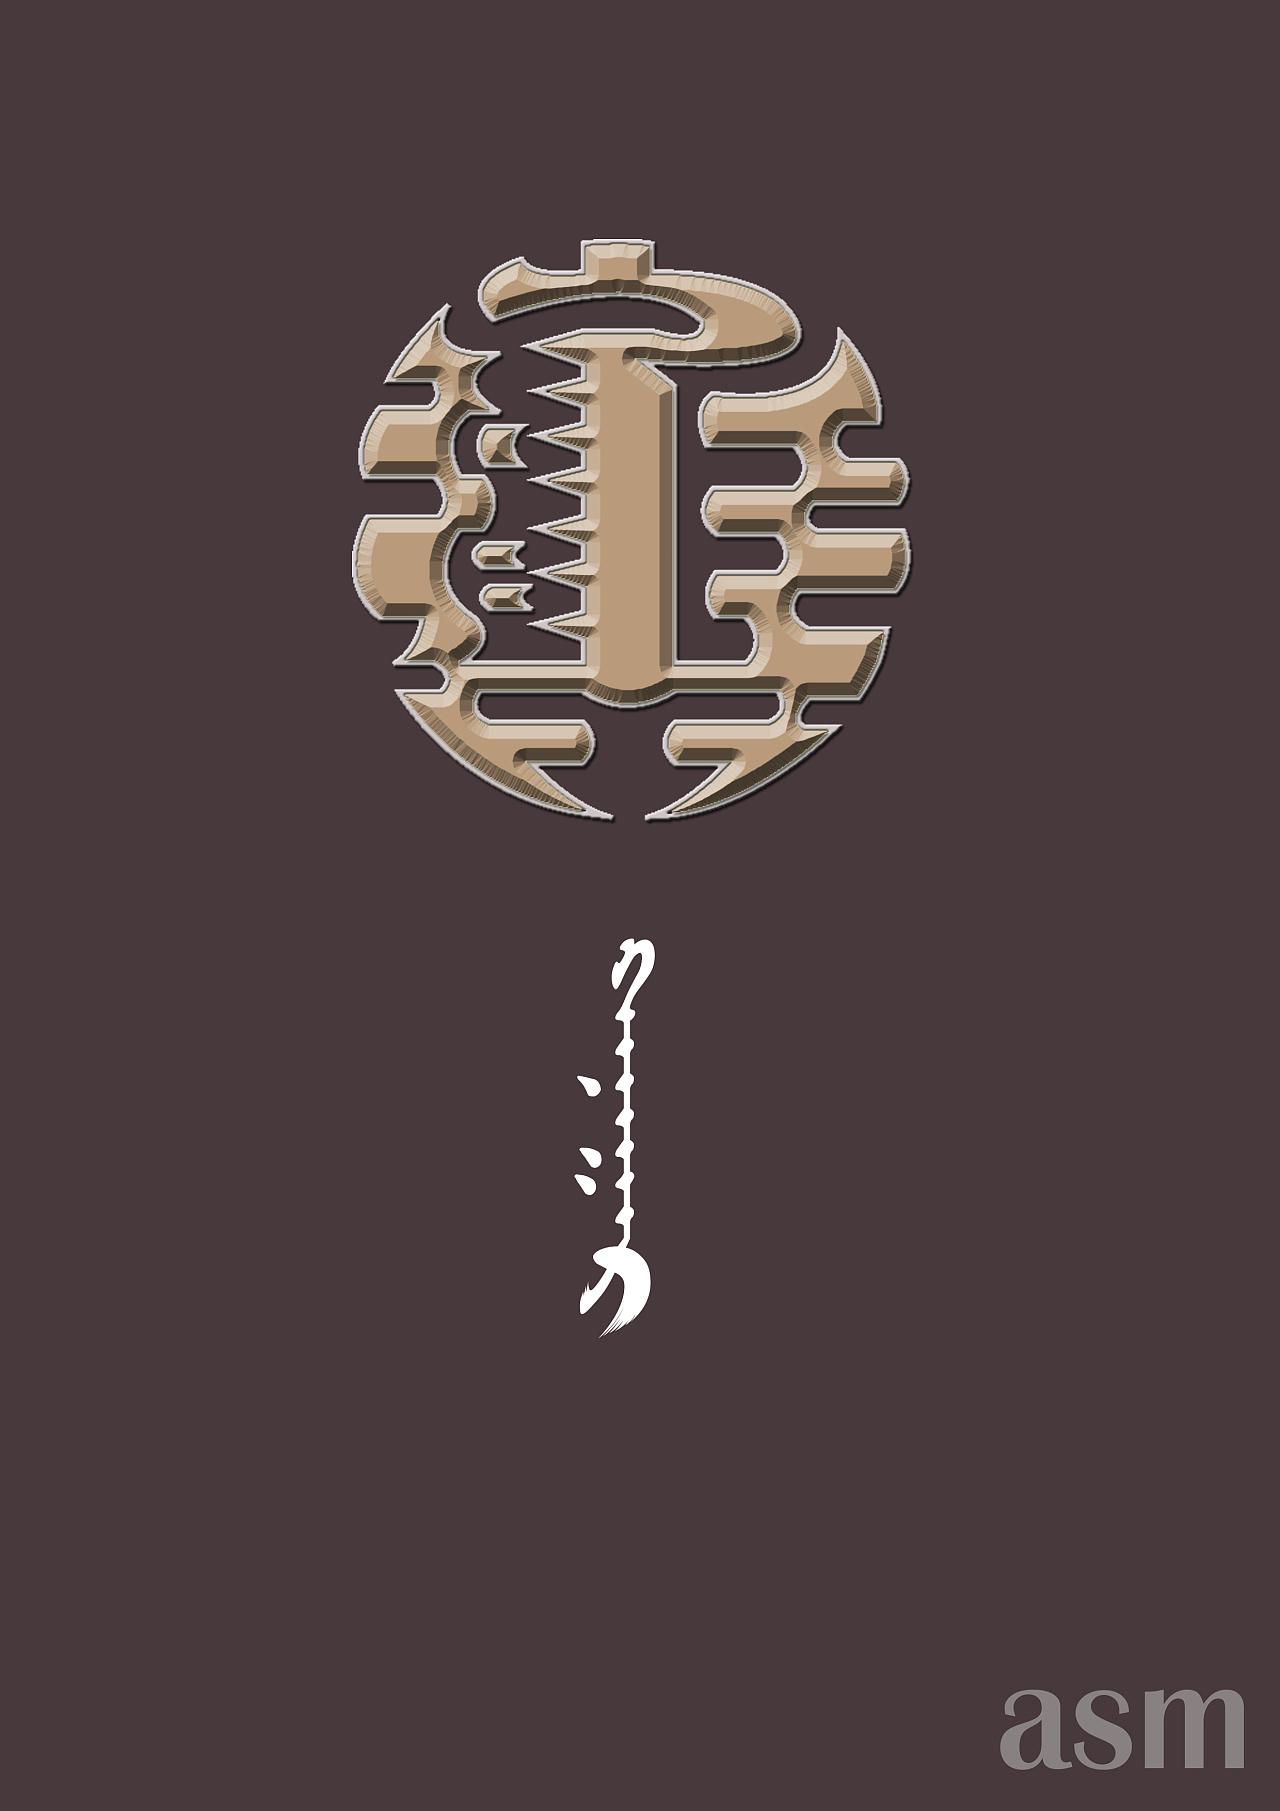 蒙古艺术文字4 -阿斯玛设计 第10张